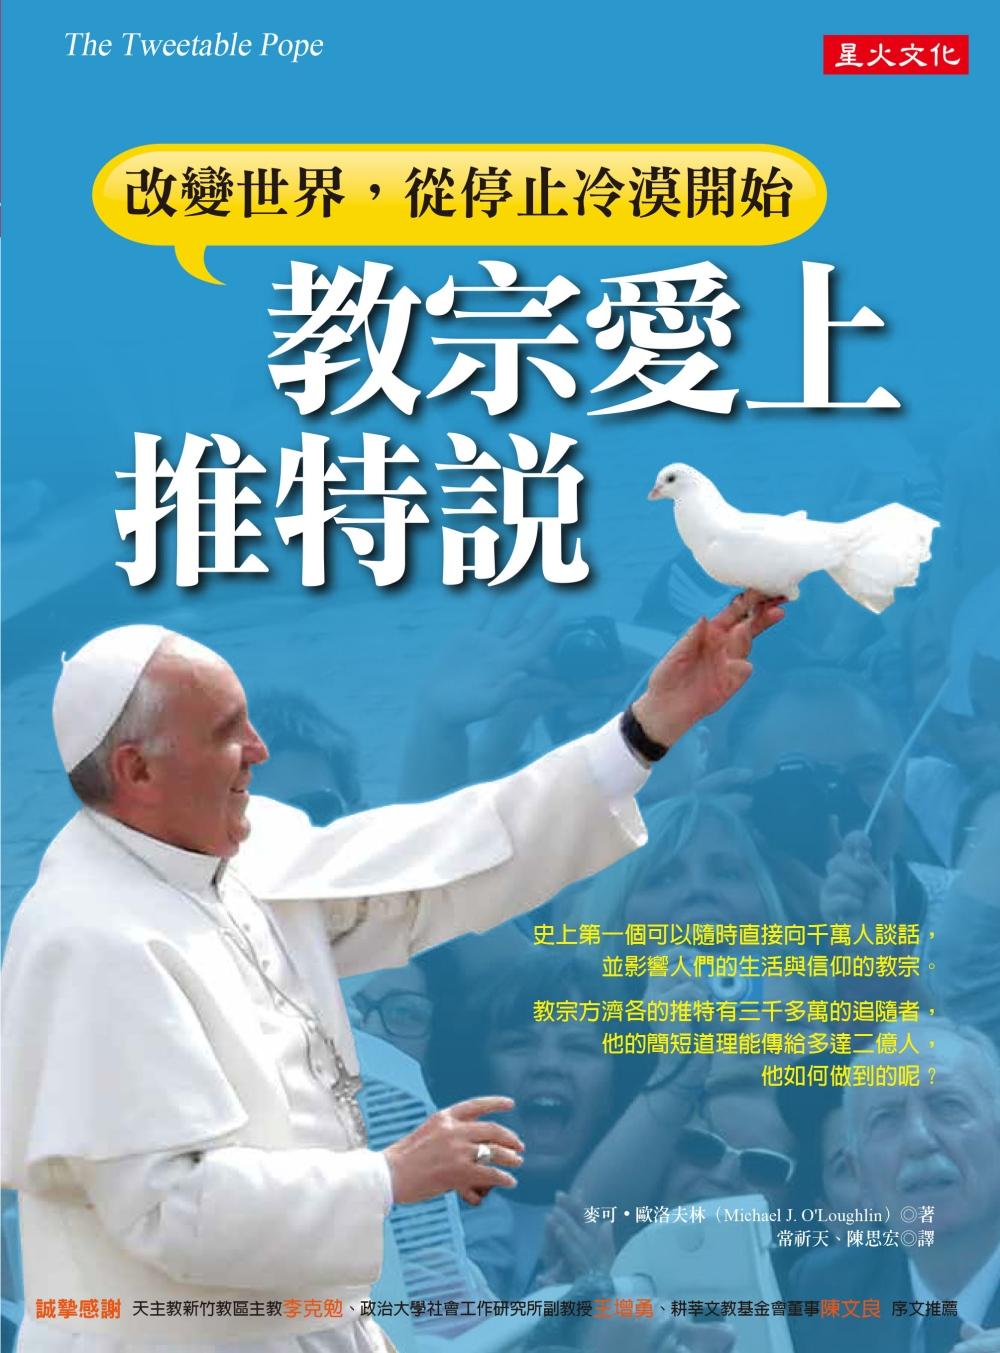 教宗愛上推特說:改變世界,從停...